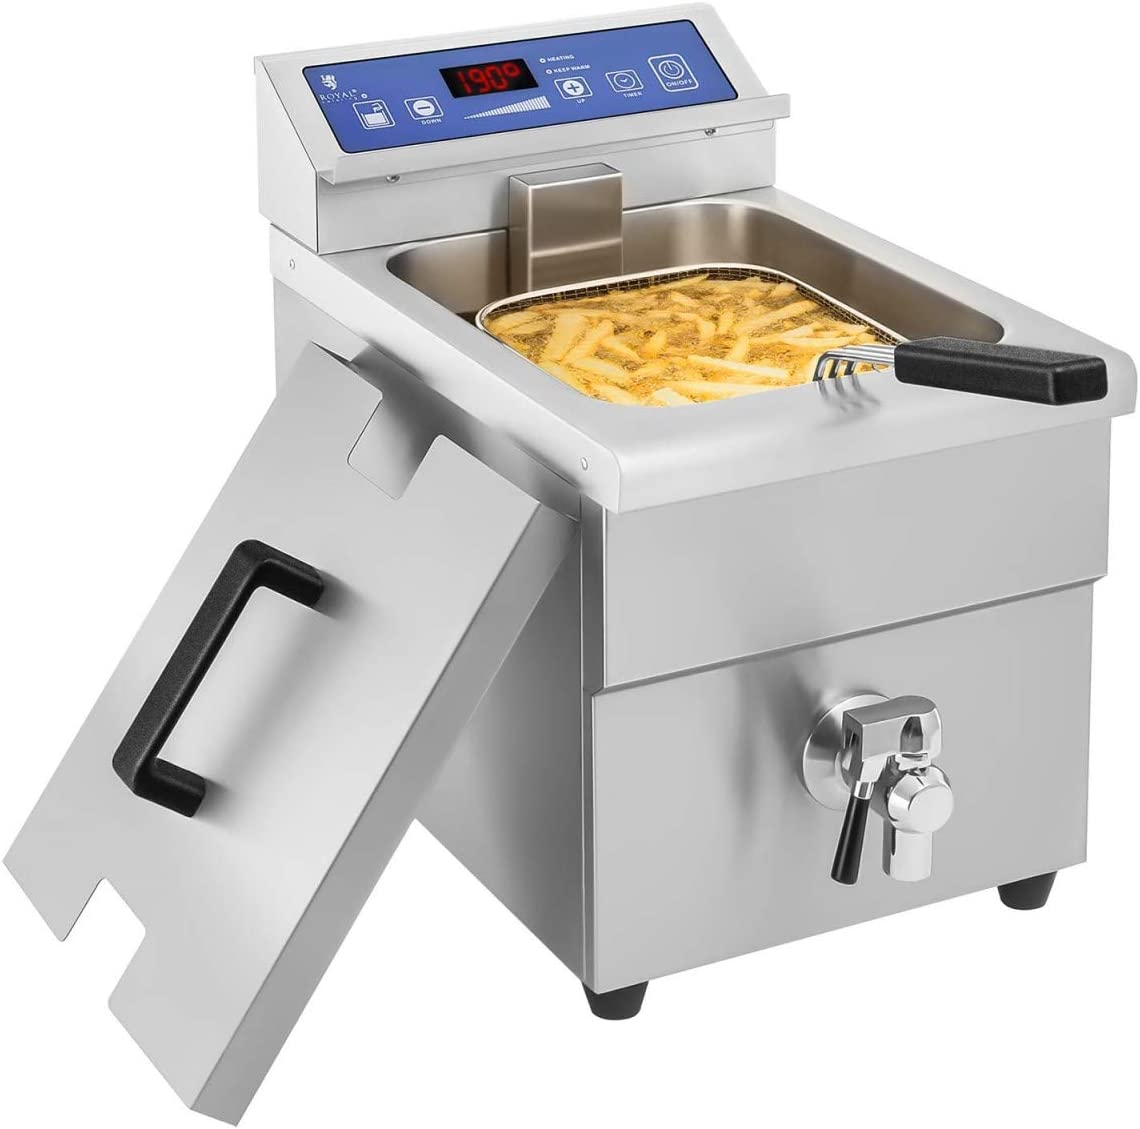 Royal Catering - RCIF-10EB - Freidora de inducción - 1x 10 litros - 60 a 190°C